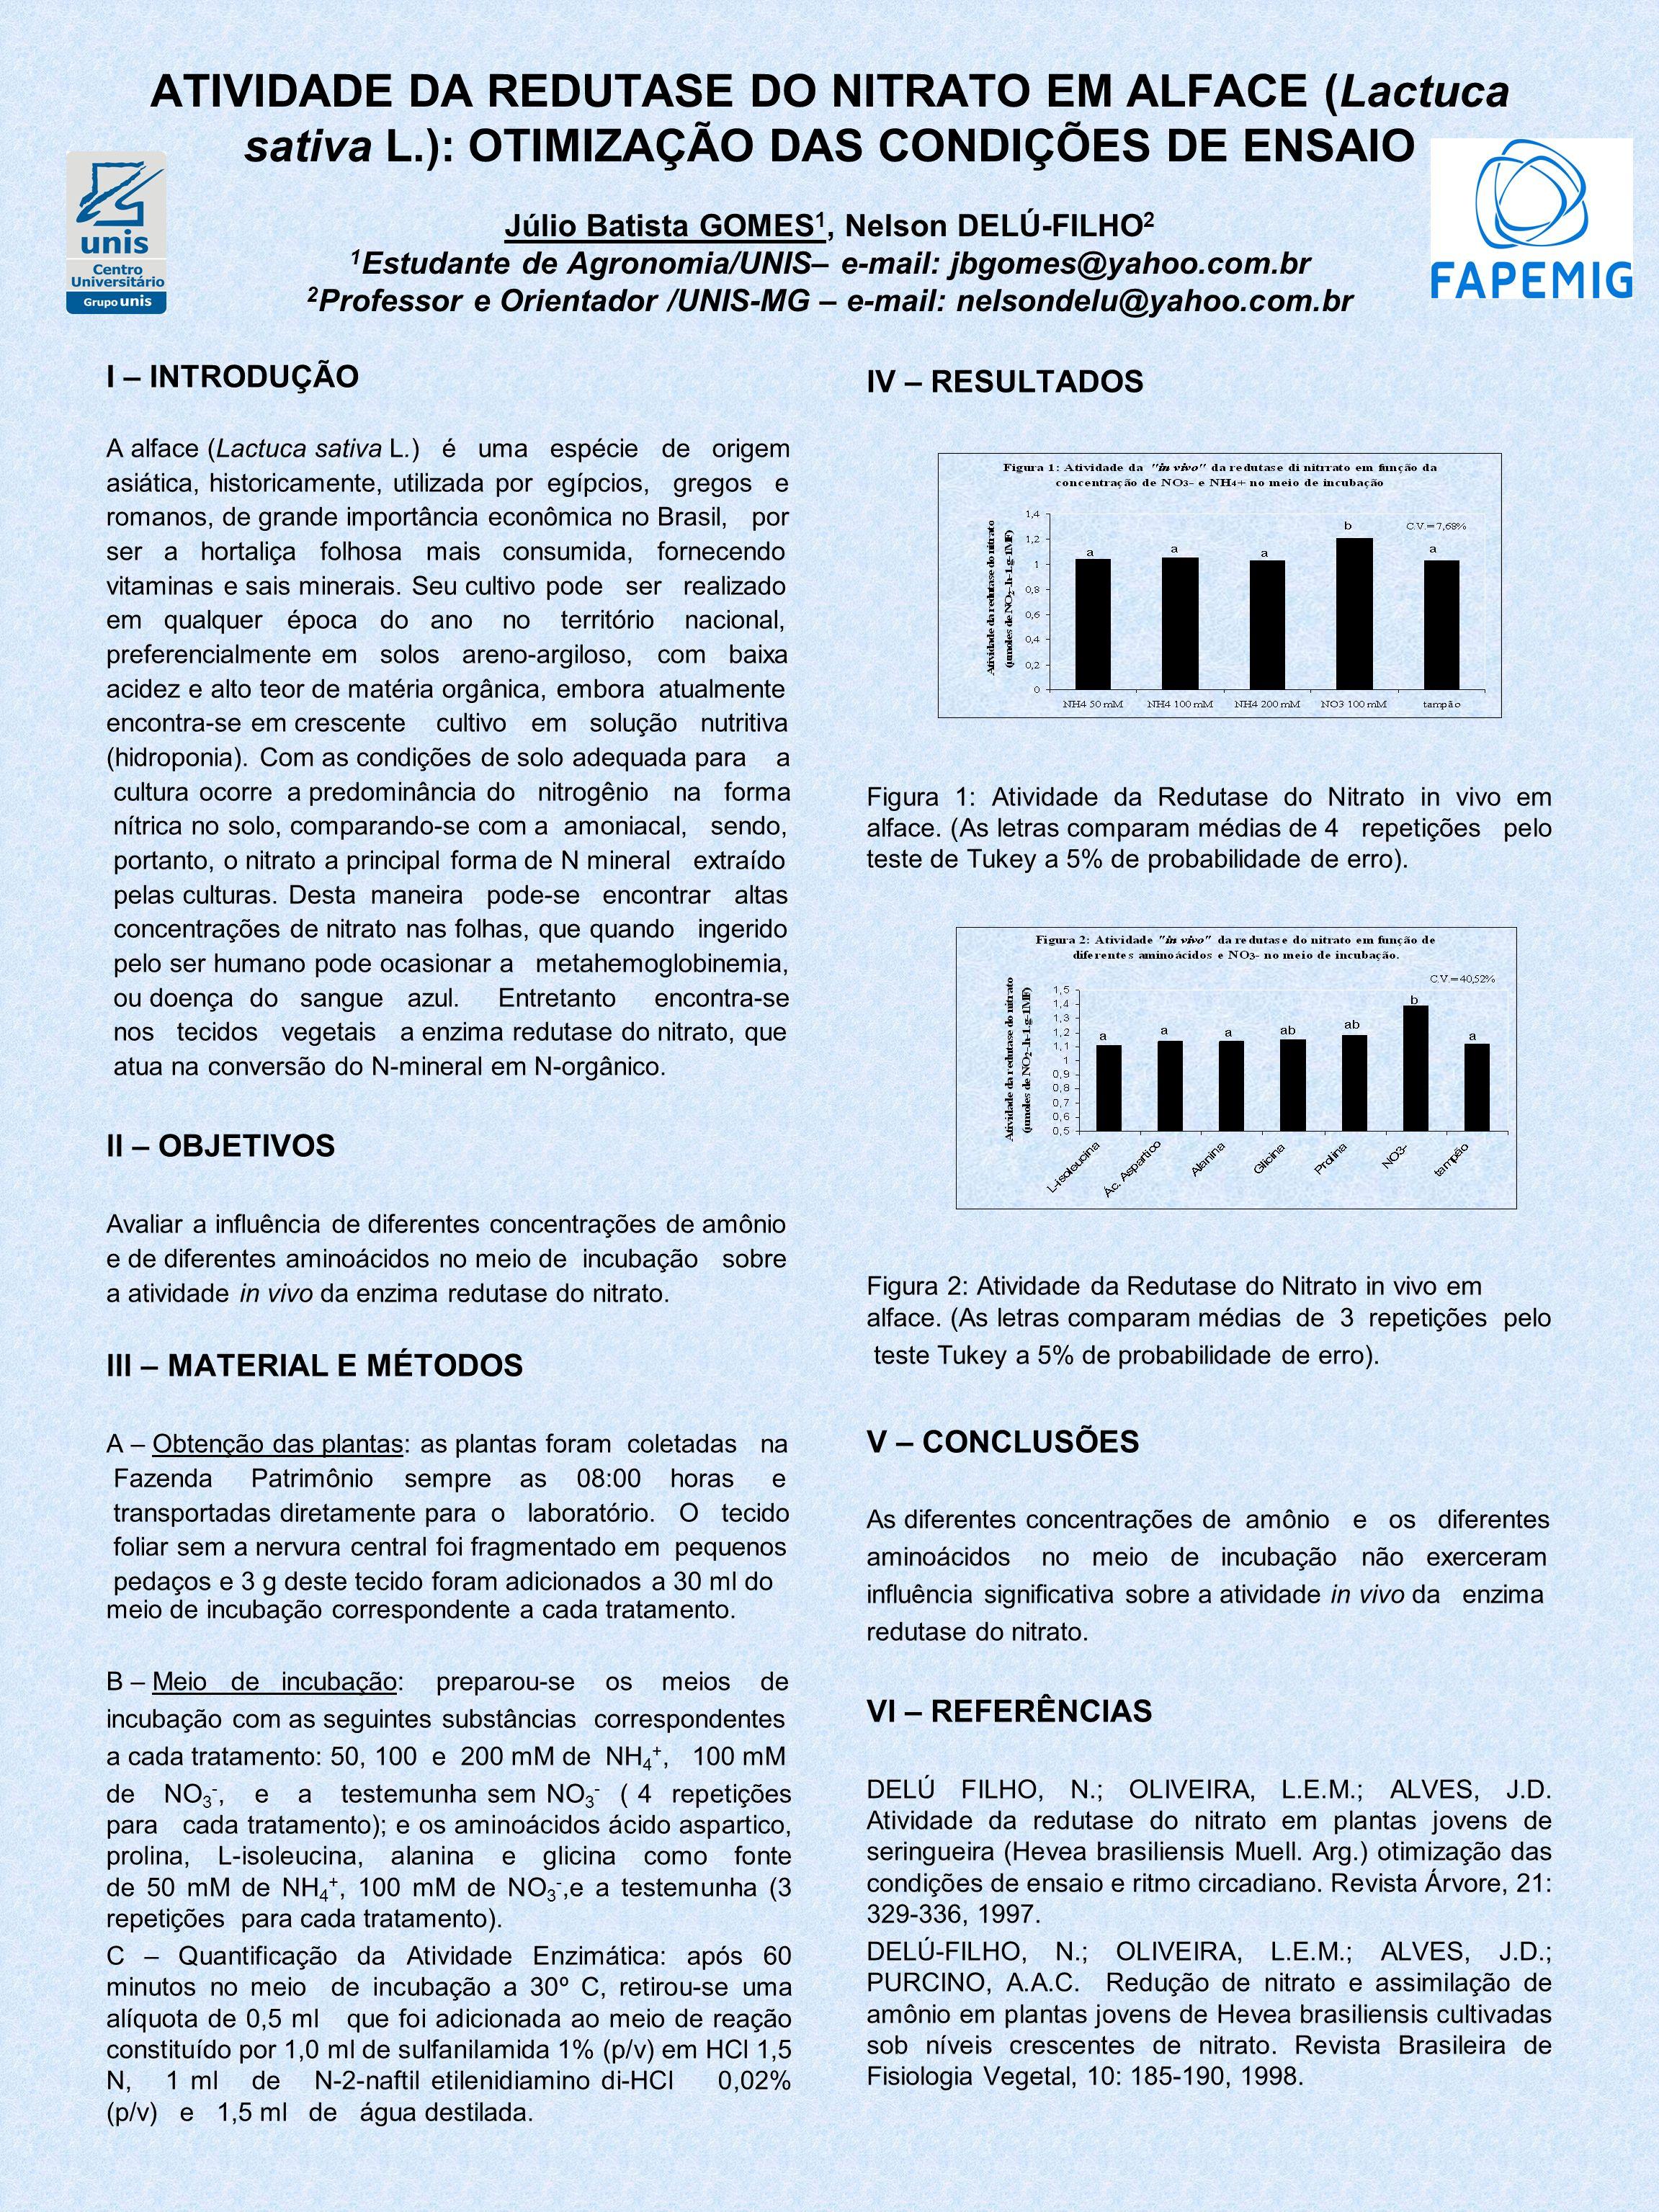 ATIVIDADE DA REDUTASE DO NITRATO EM ALFACE (Lactuca sativa L.): OTIMIZAÇÃO DAS CONDIÇÕES DE ENSAIO Júlio Batista GOMES 1, Nelson DELÚ-FILHO 2 1 Estuda